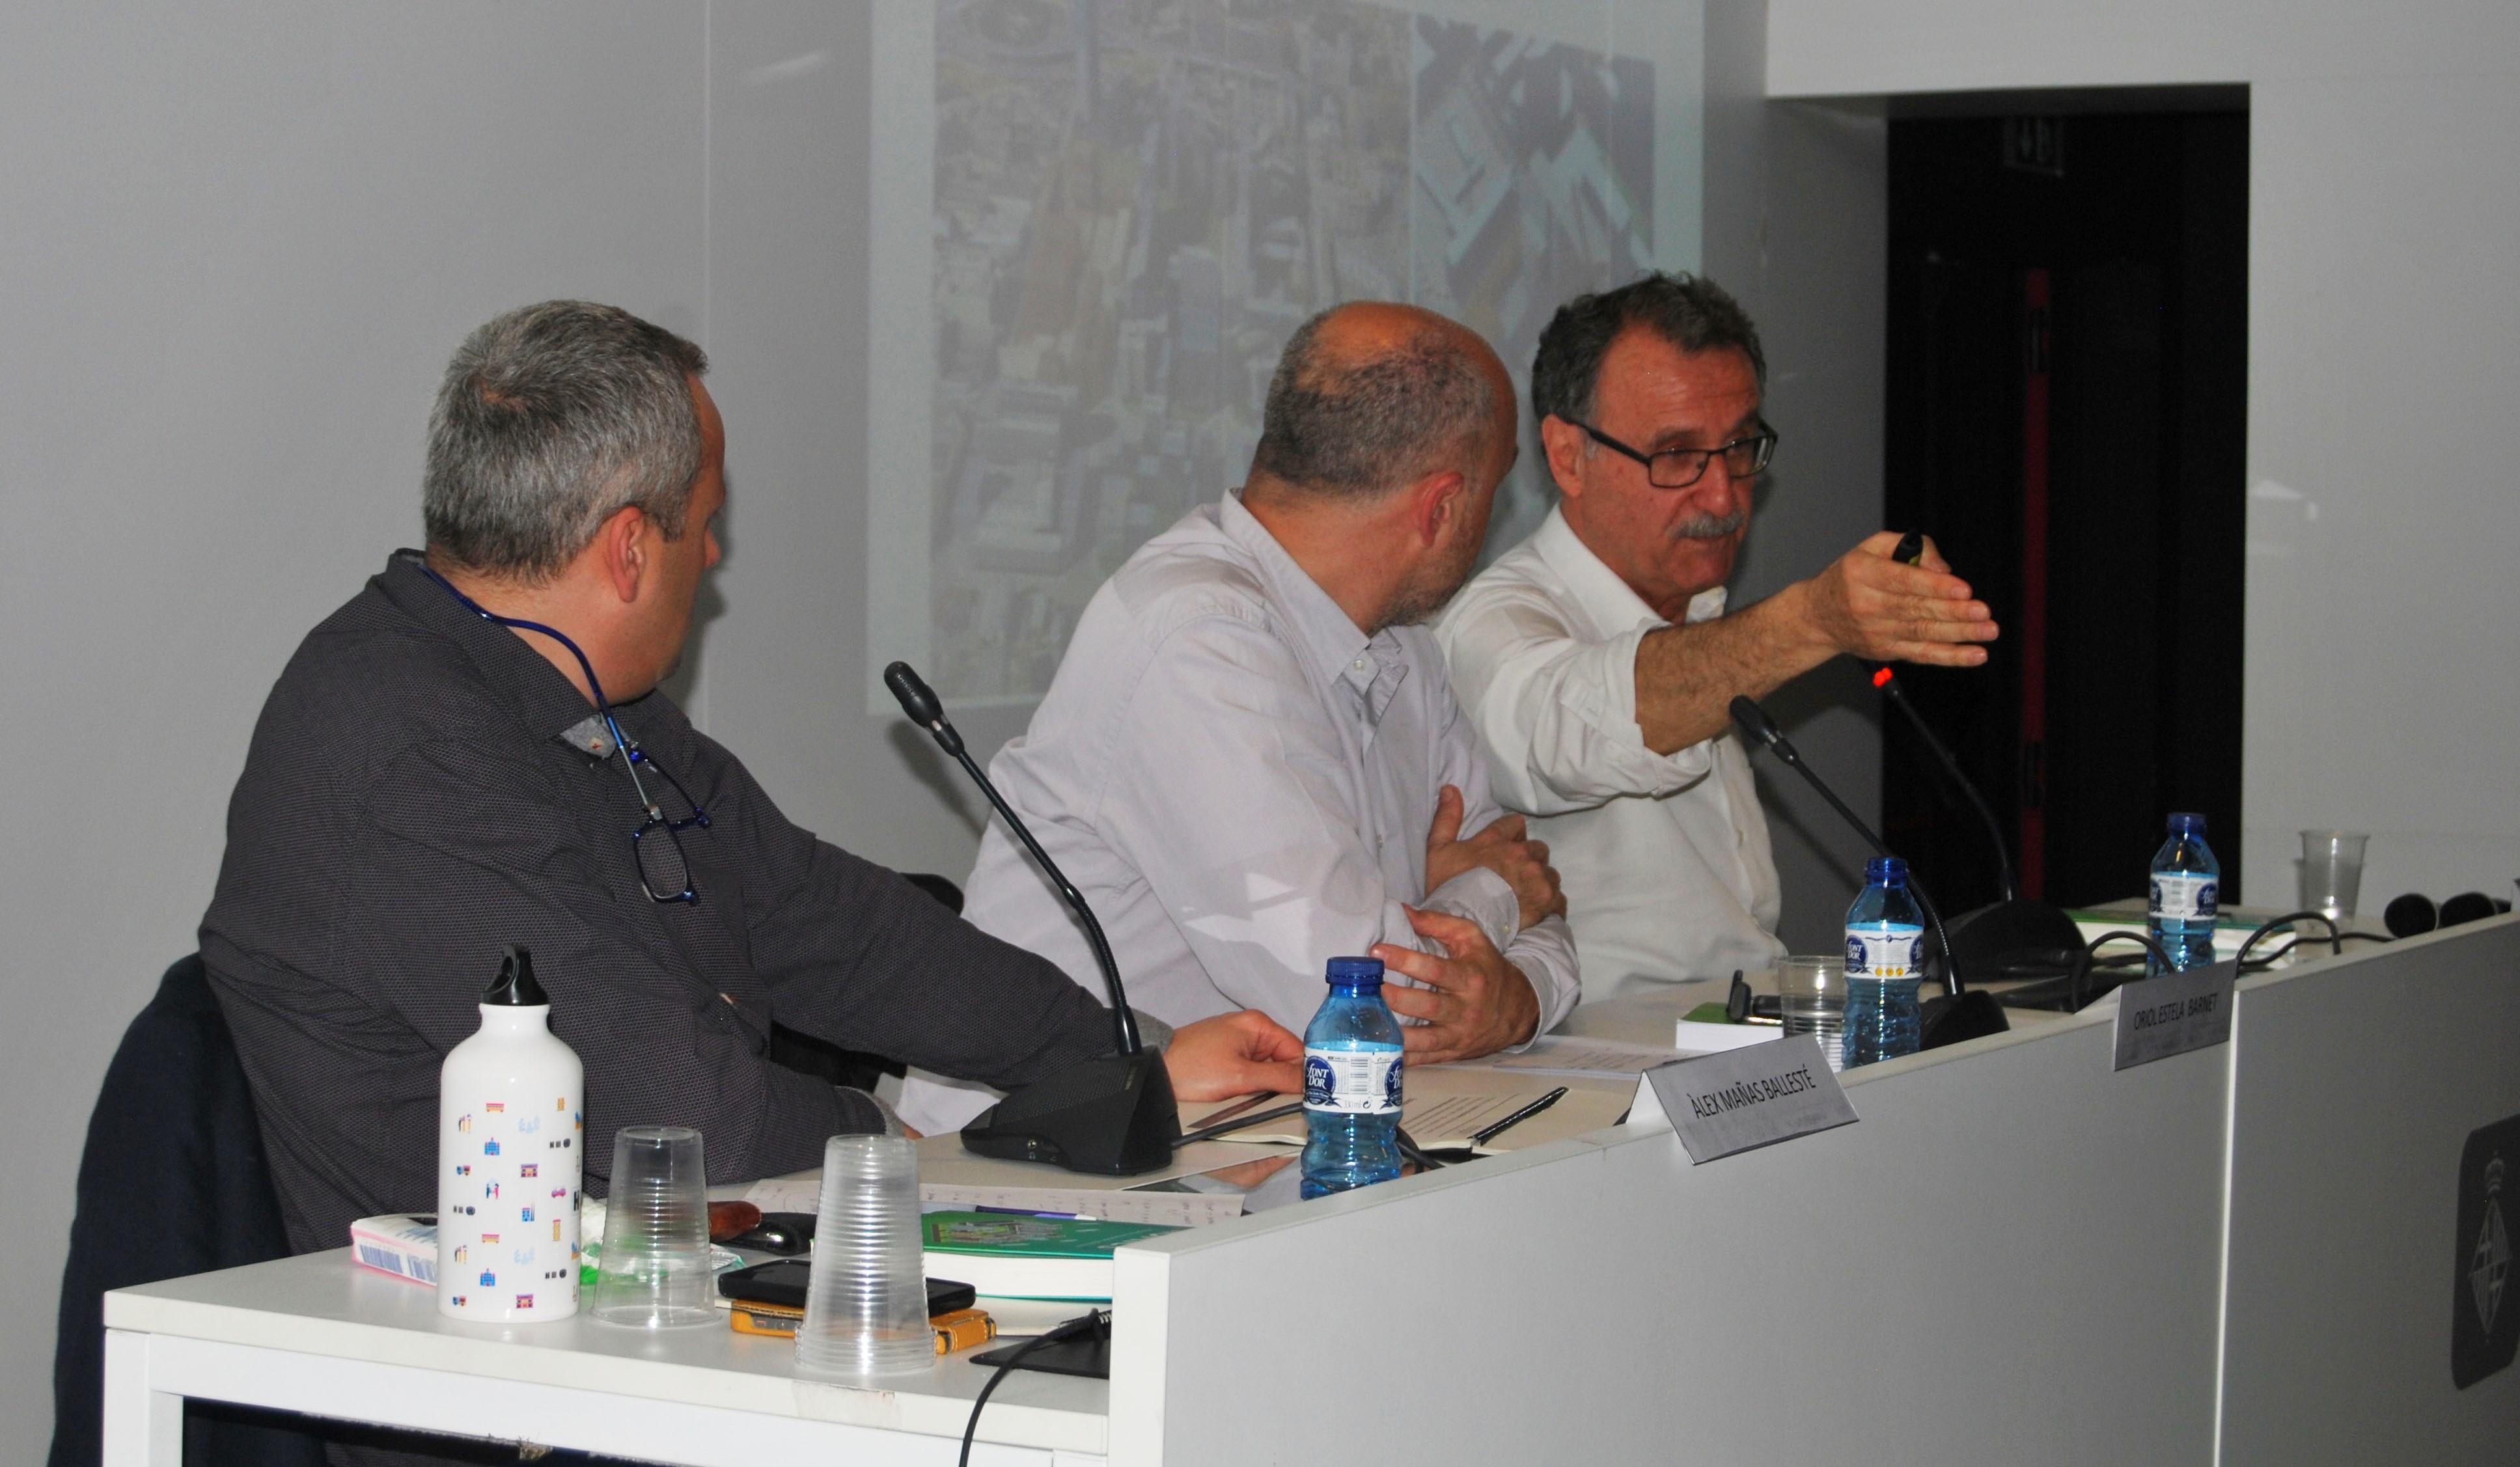 Álex Mañas, Oriol Estela Barnet i Miquel Barceló durant la presentació de Citynomics